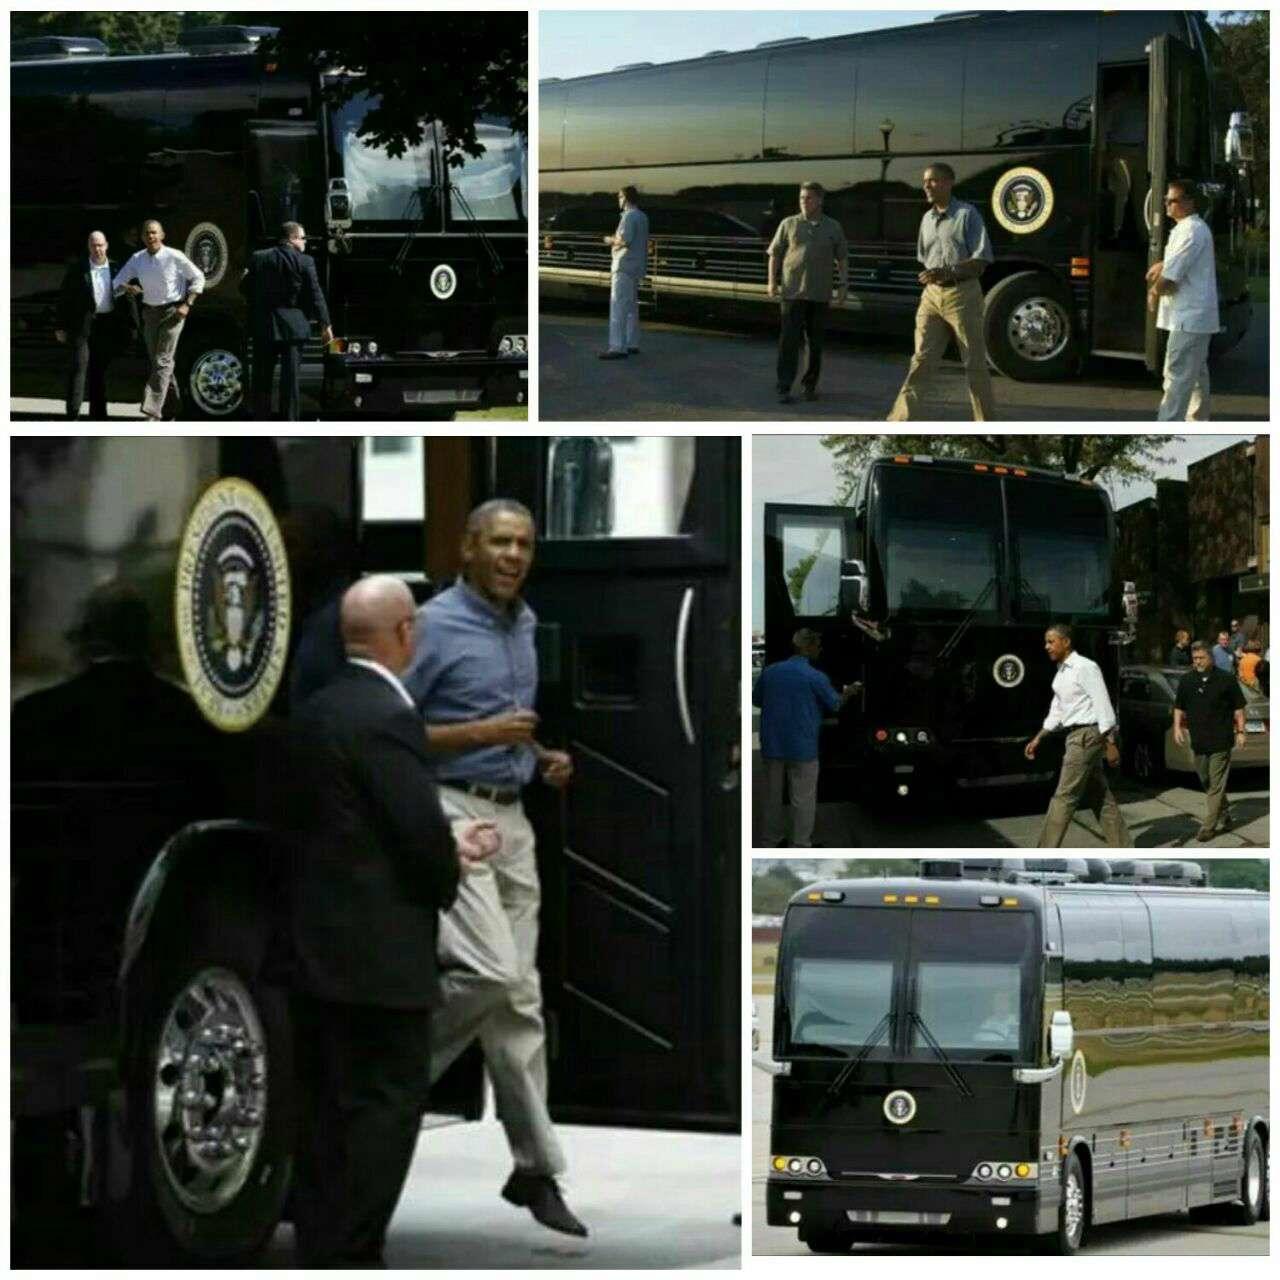 اتوبوس اوباما، امن ترین وسیله حمل و نقل بین شهری